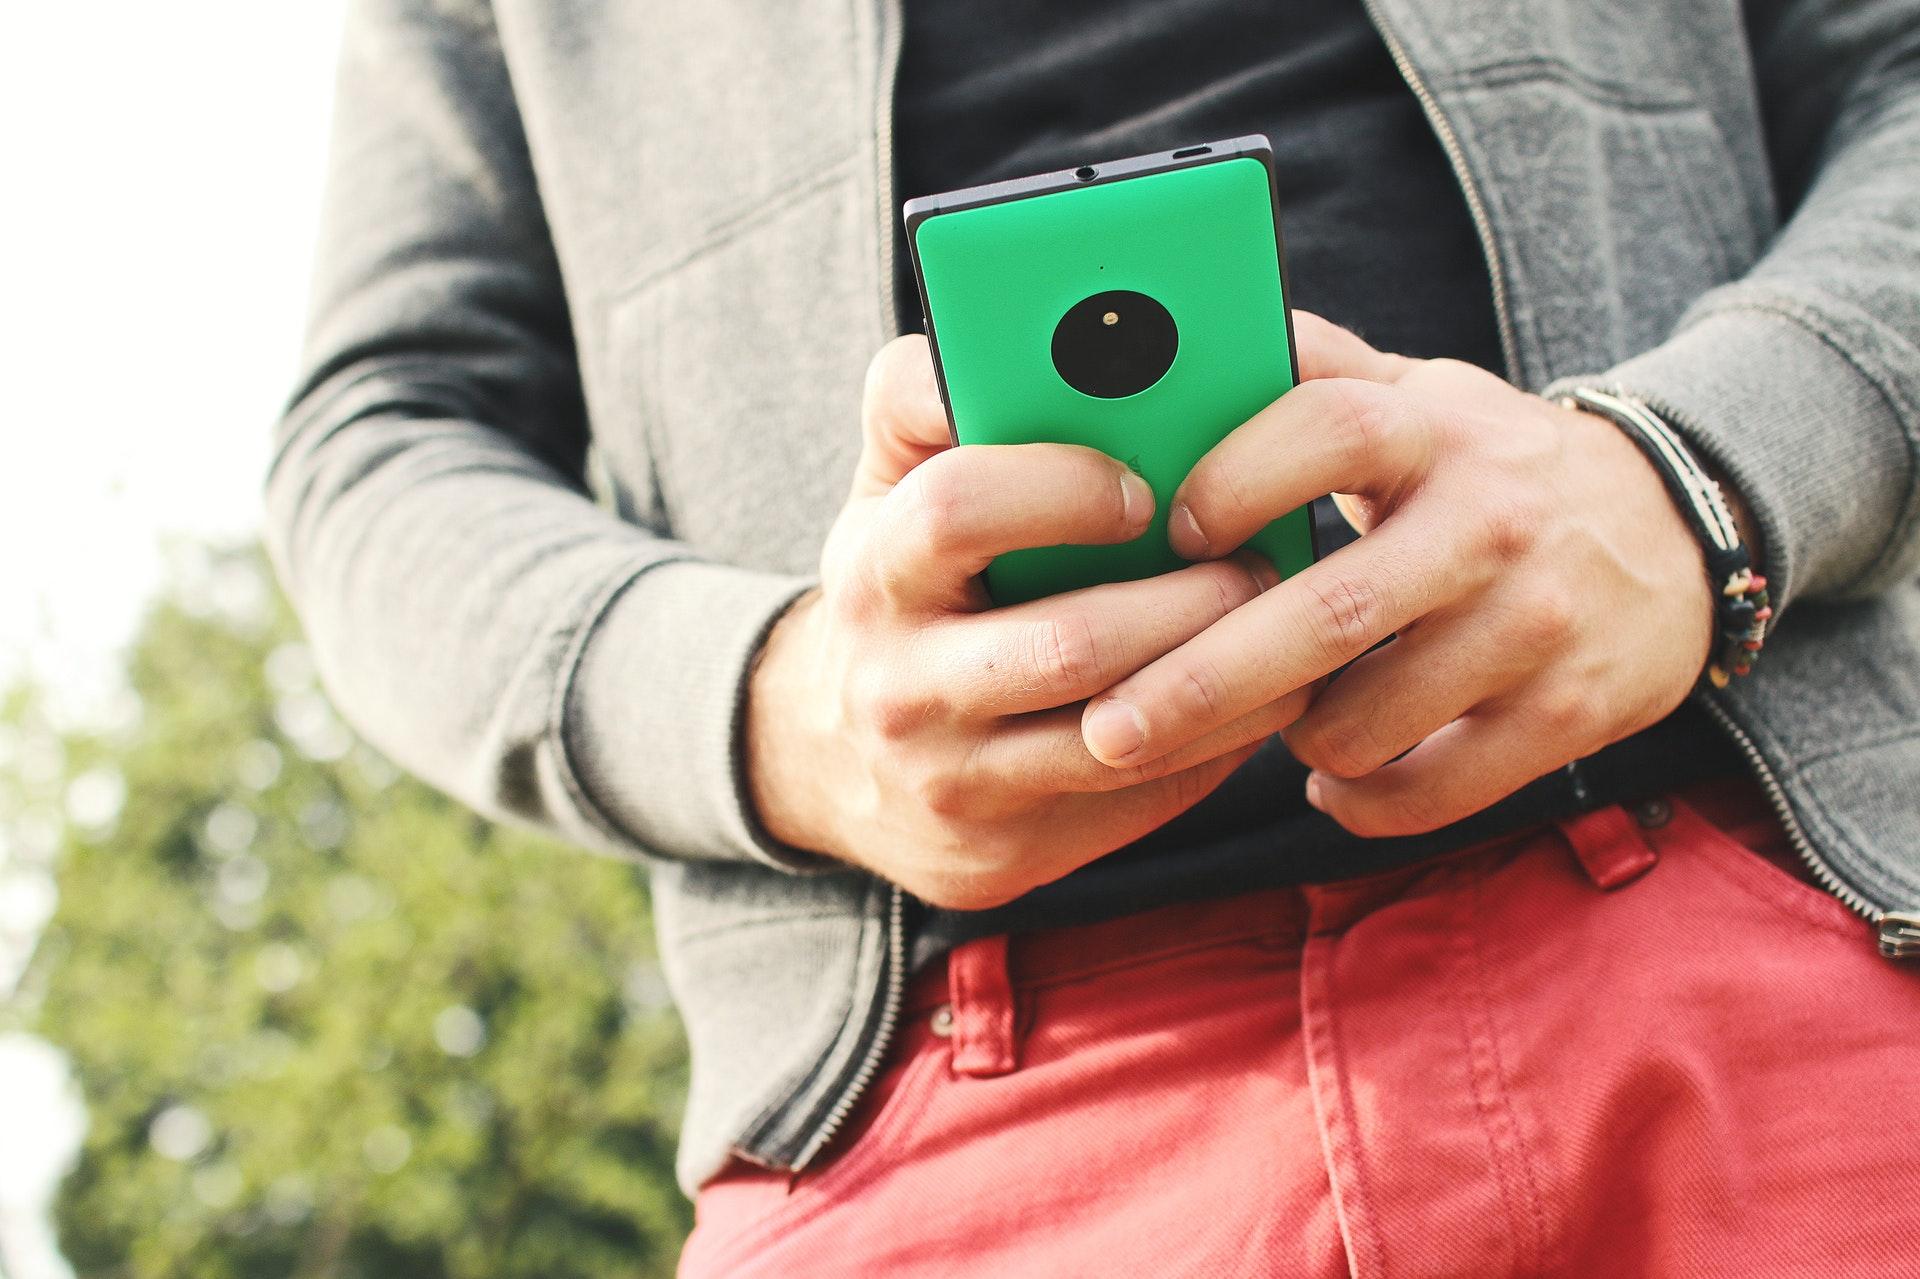 携帯電話を手に持つ男子